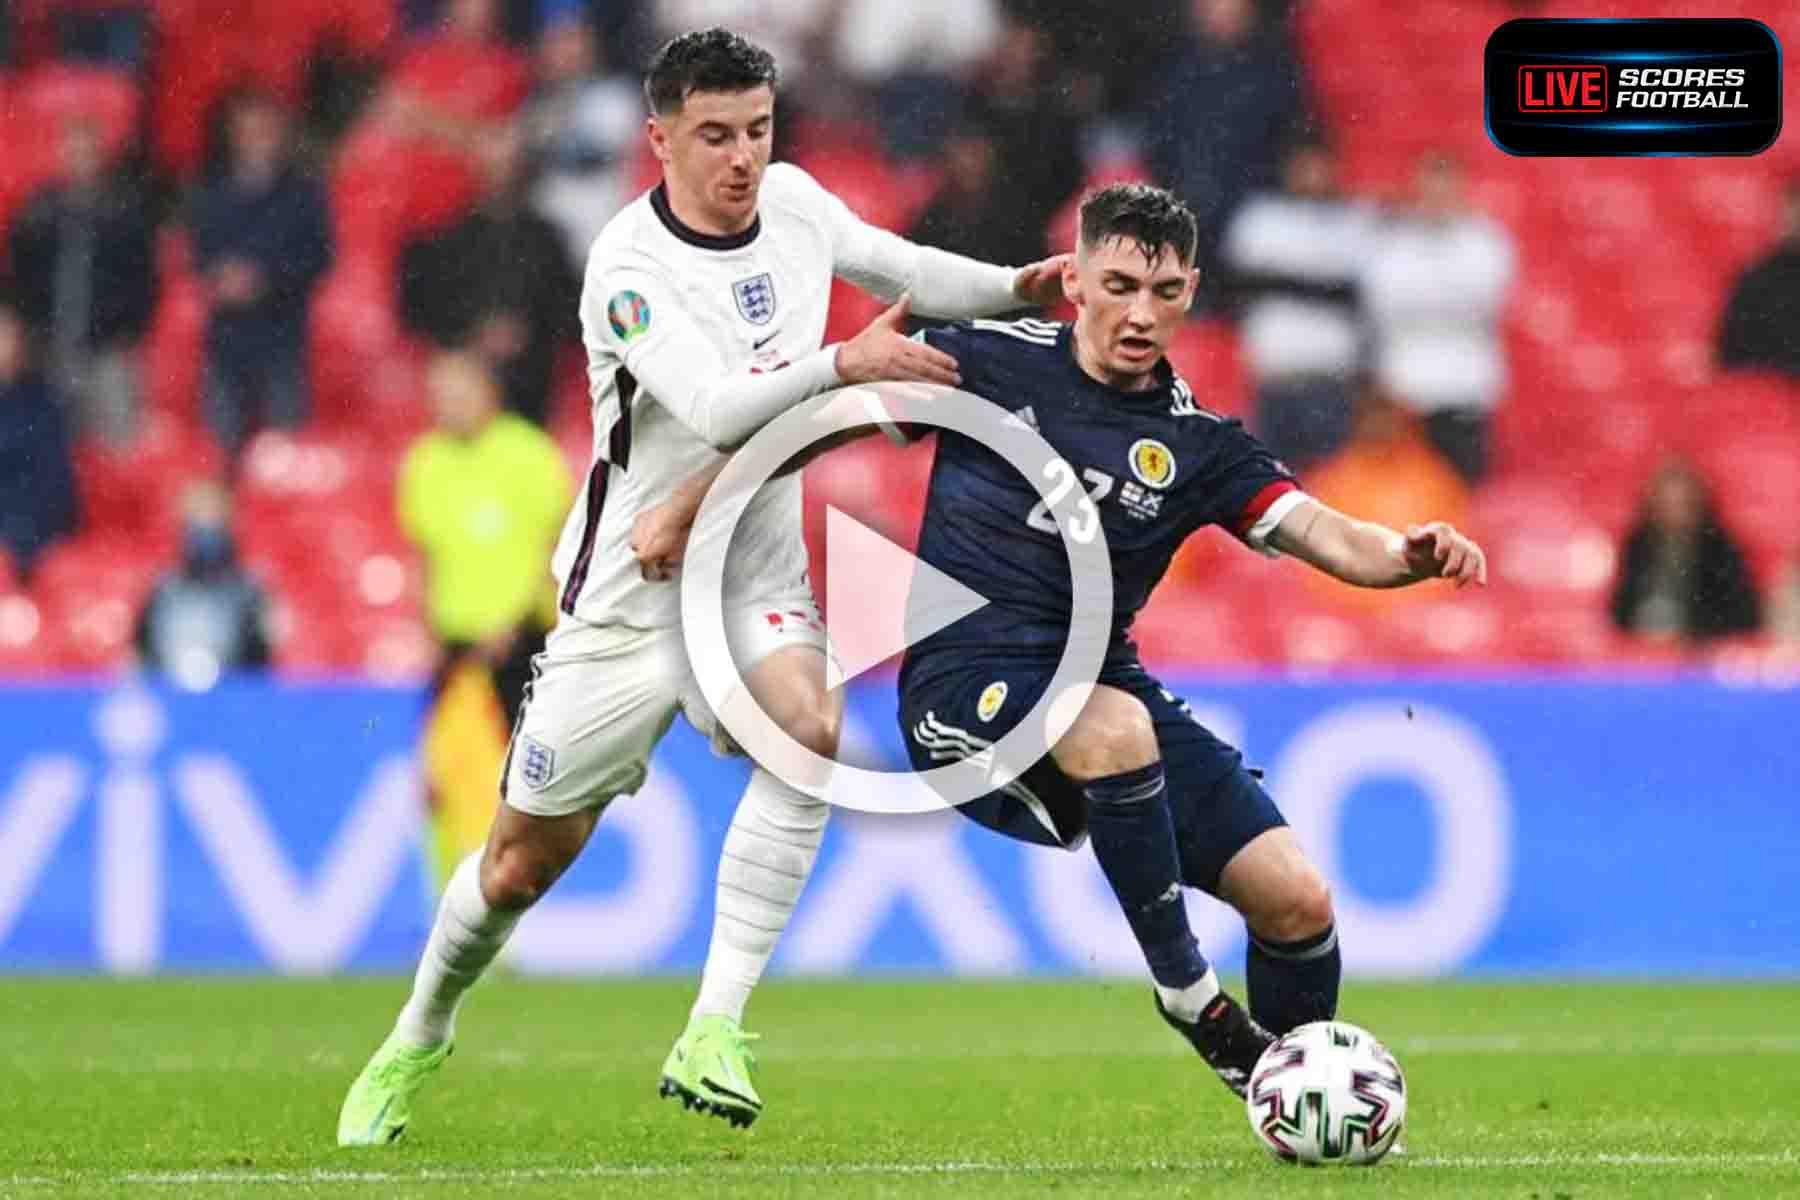 Read more about the article ไฮไลท์คู่เด็ด ฟุตบอล ยูโร2020 (กลุ่มD) อังกฤษ 0-0 สกอตแลนด์ /// 19-6-2021